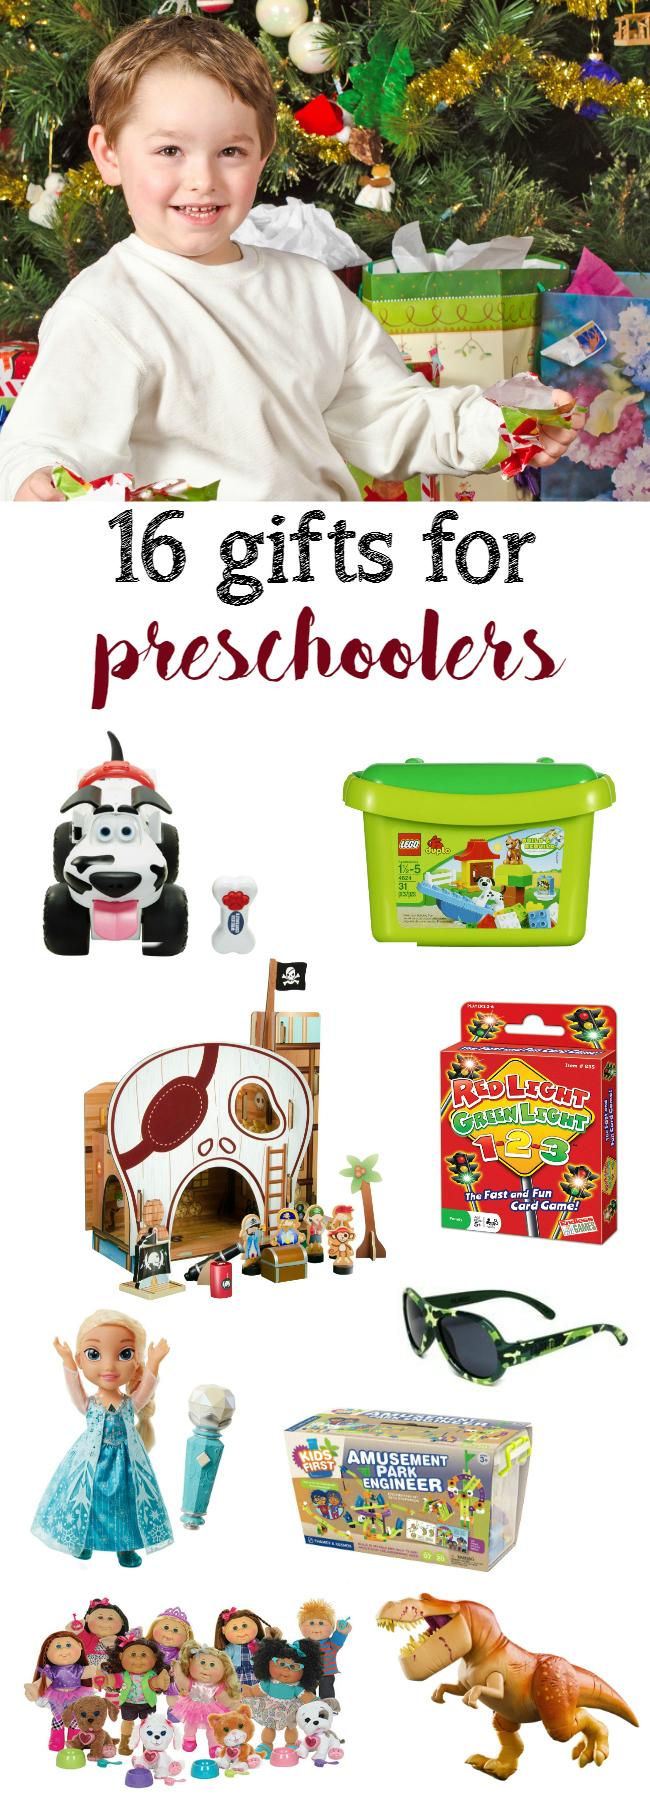 16 gifts for preschoolers